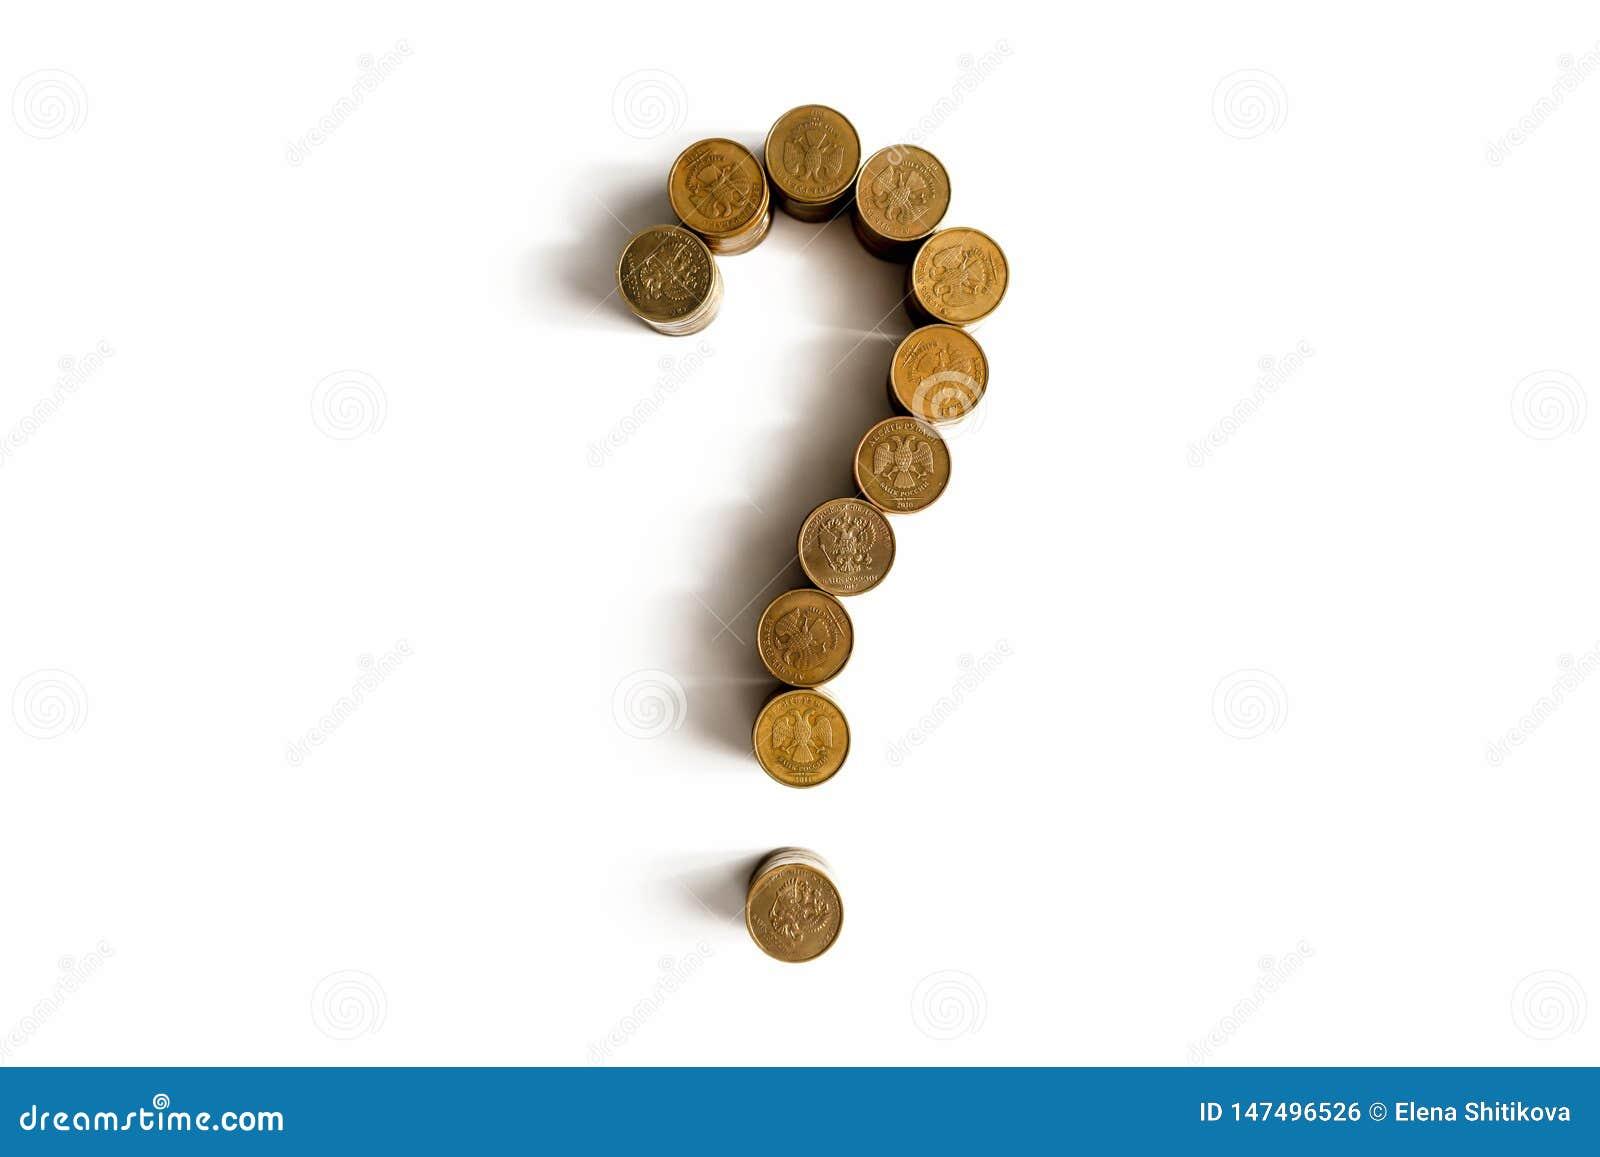 Ponto de interrogação feito das moedas em um fundo branco